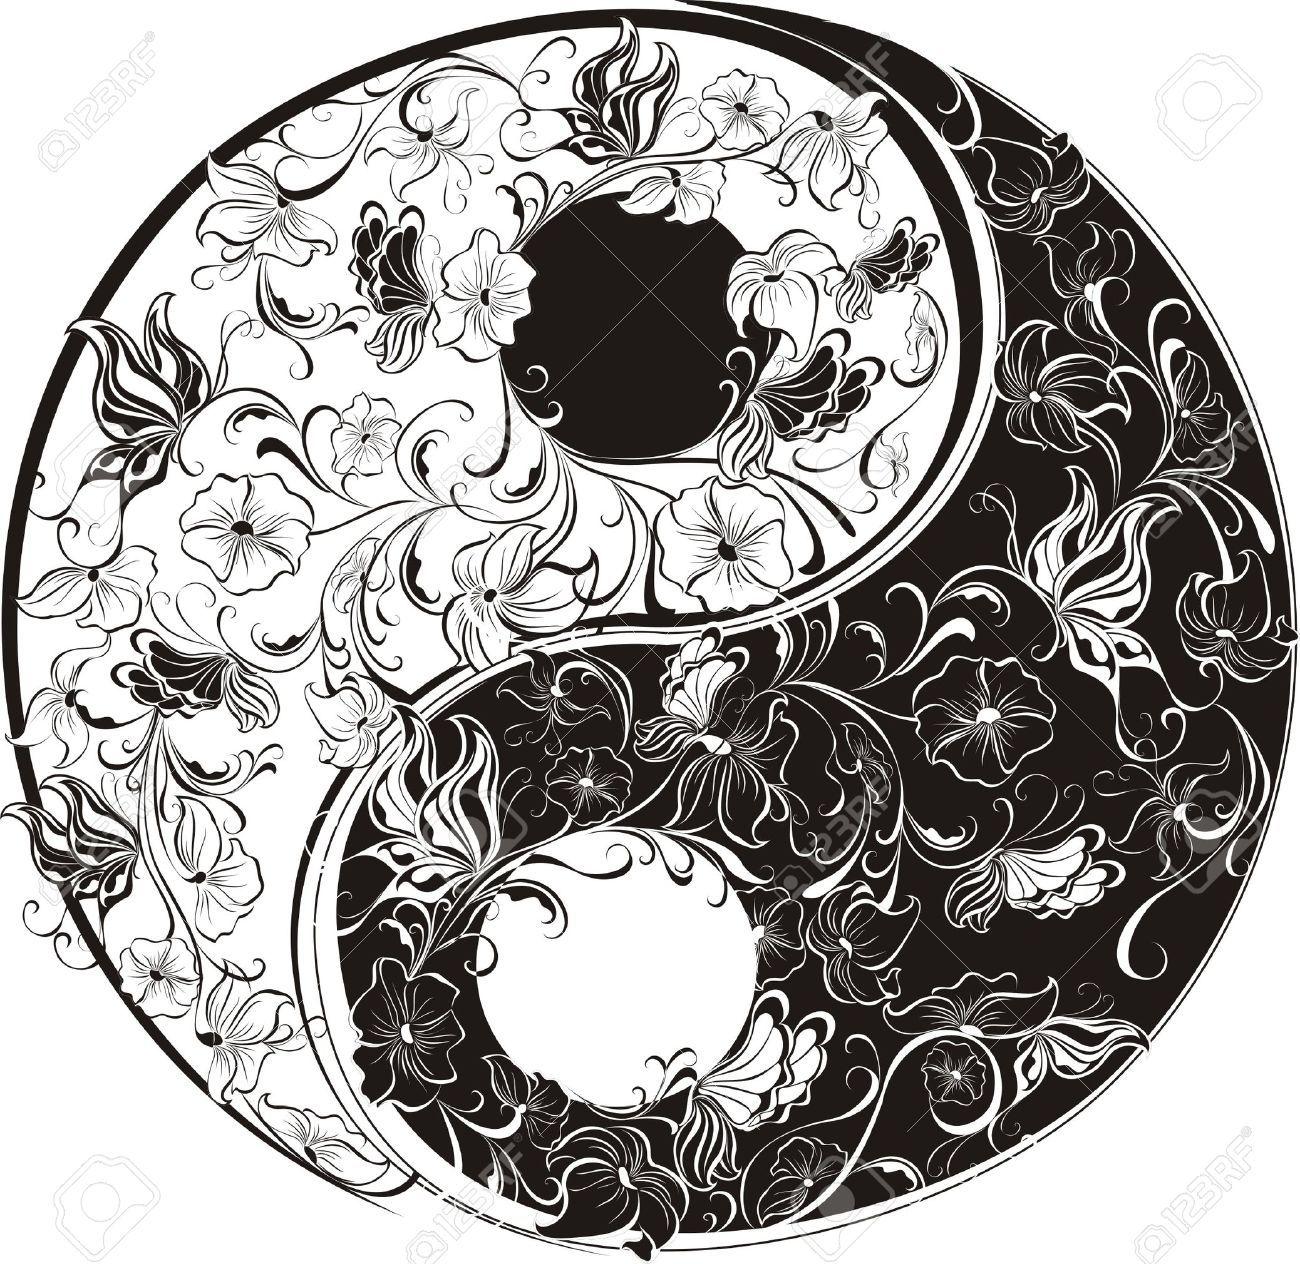 Coloring pages yin yang - Yin And Yang Stock Photos Images 9 671 Royalty Free Yin And Yang